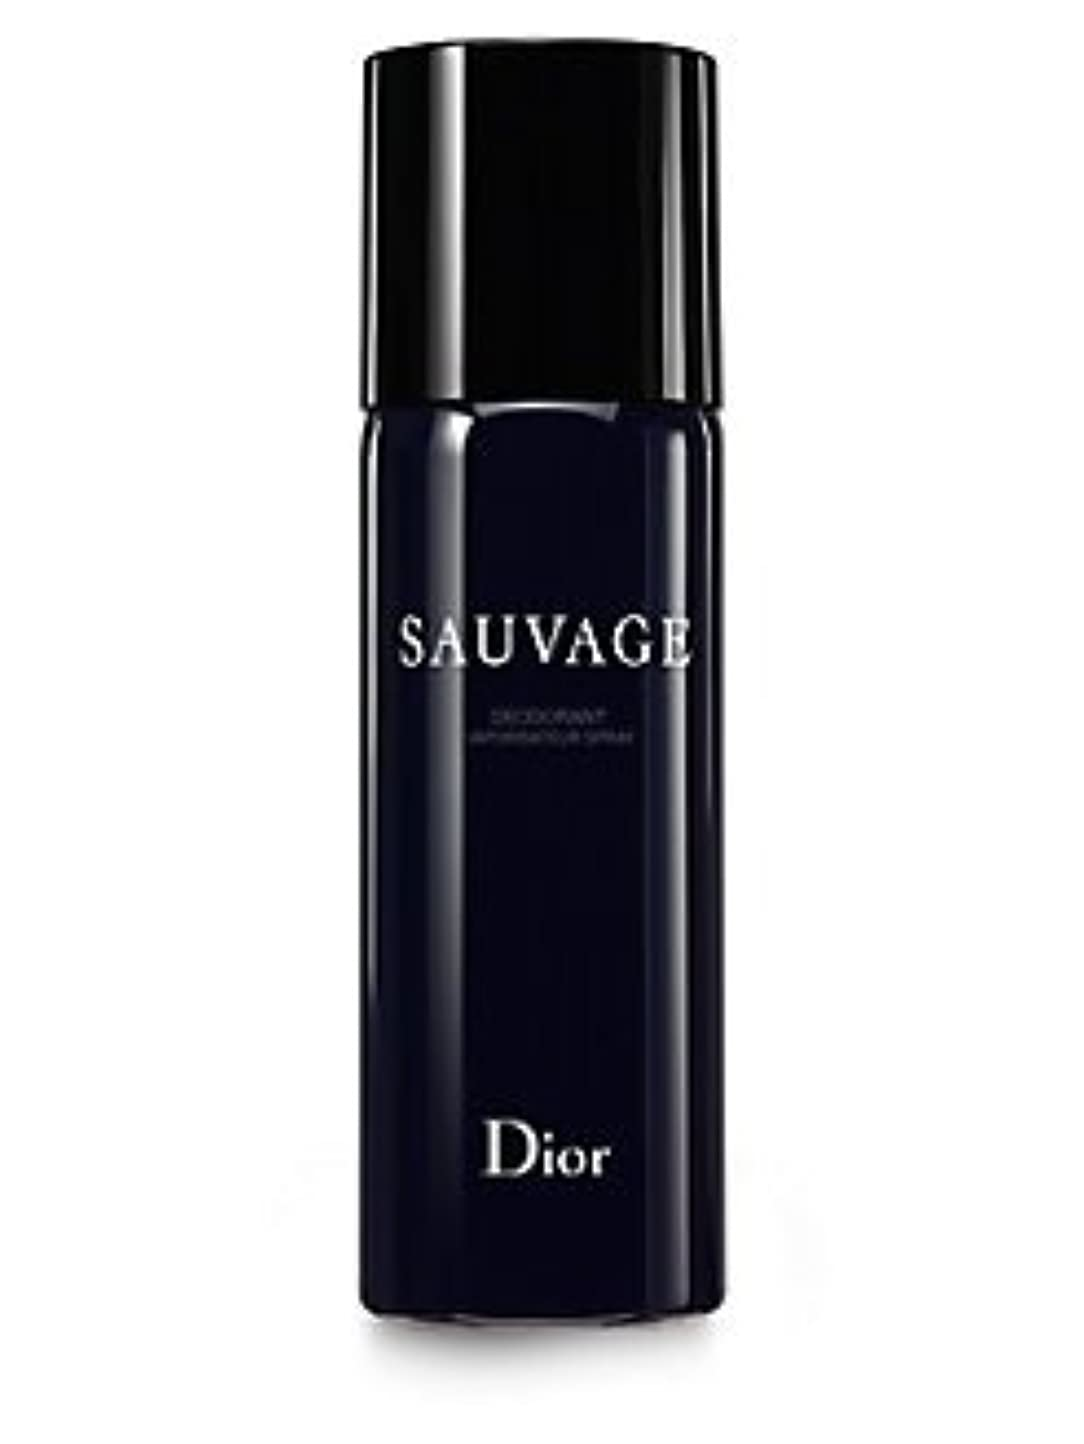 バルセロナ予知ブリードDior Sauvage (ディオール サベージュ ) 5.0 oz (150ml) Deodorant Spray by Christian Dior for Men